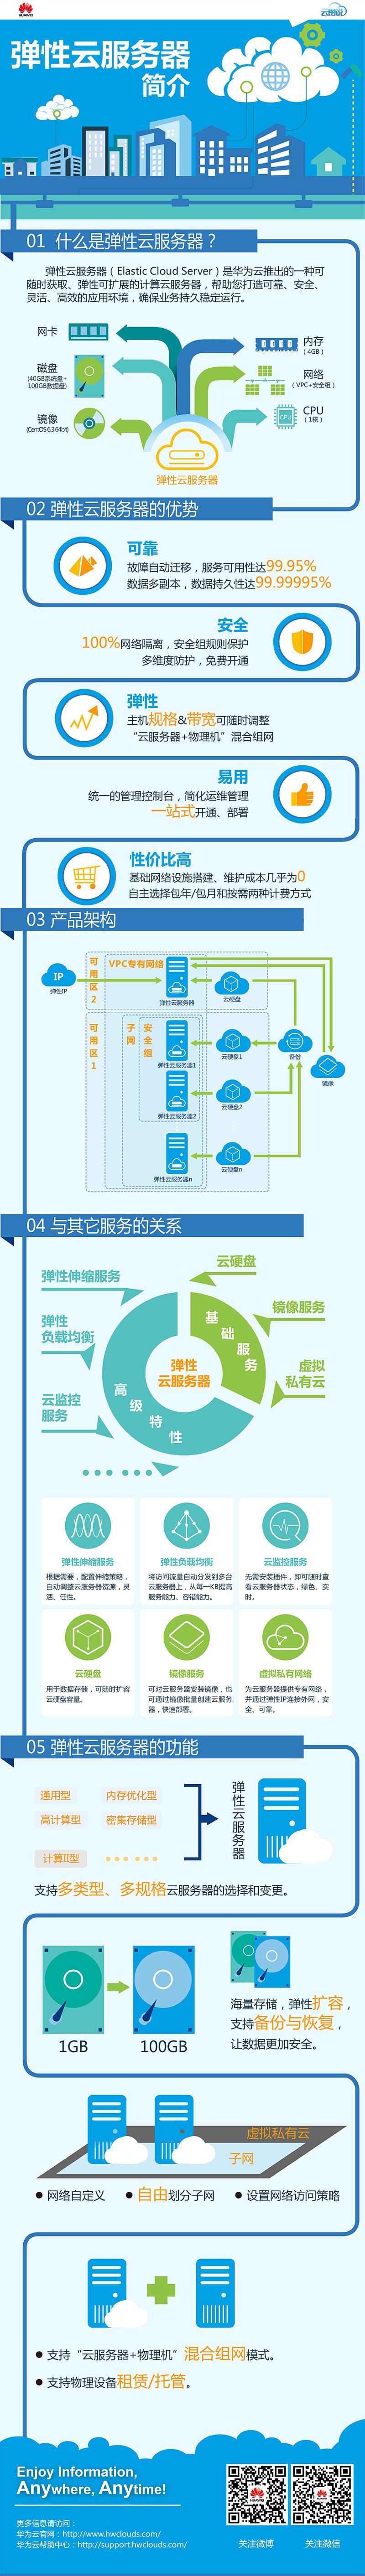 弹性云服务器简介_cn.jpg